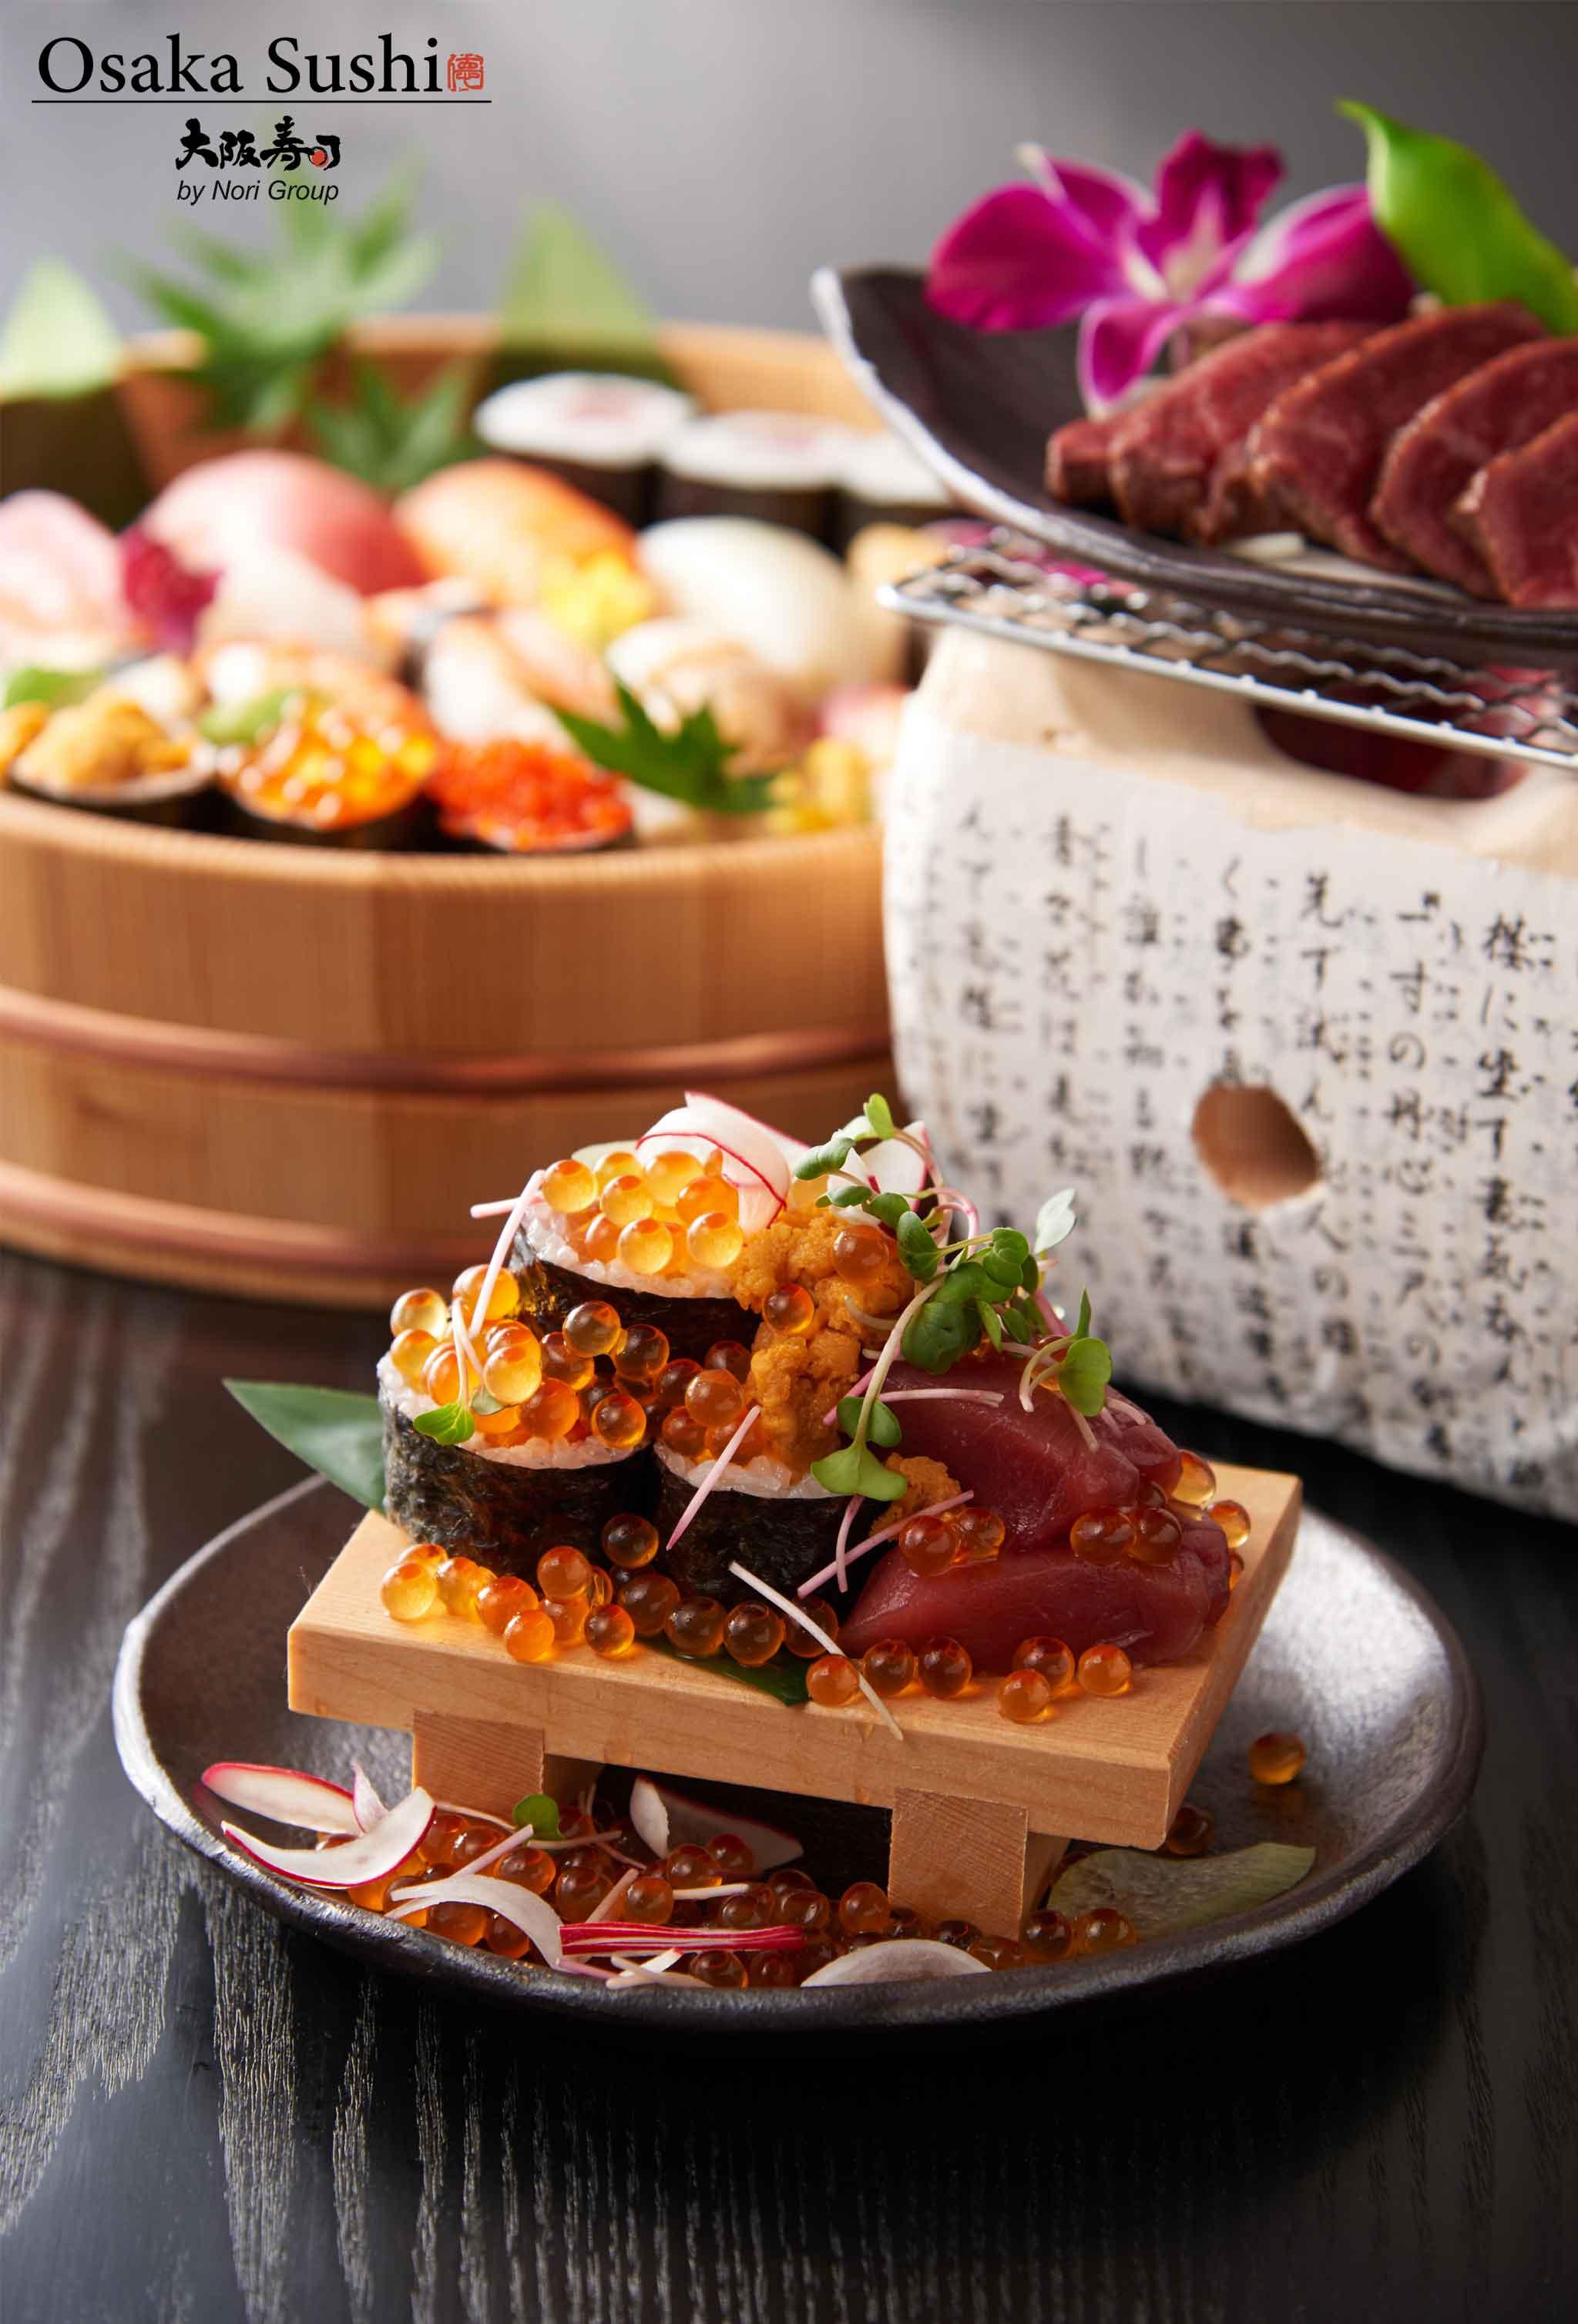 Osaka sushi rectaurant